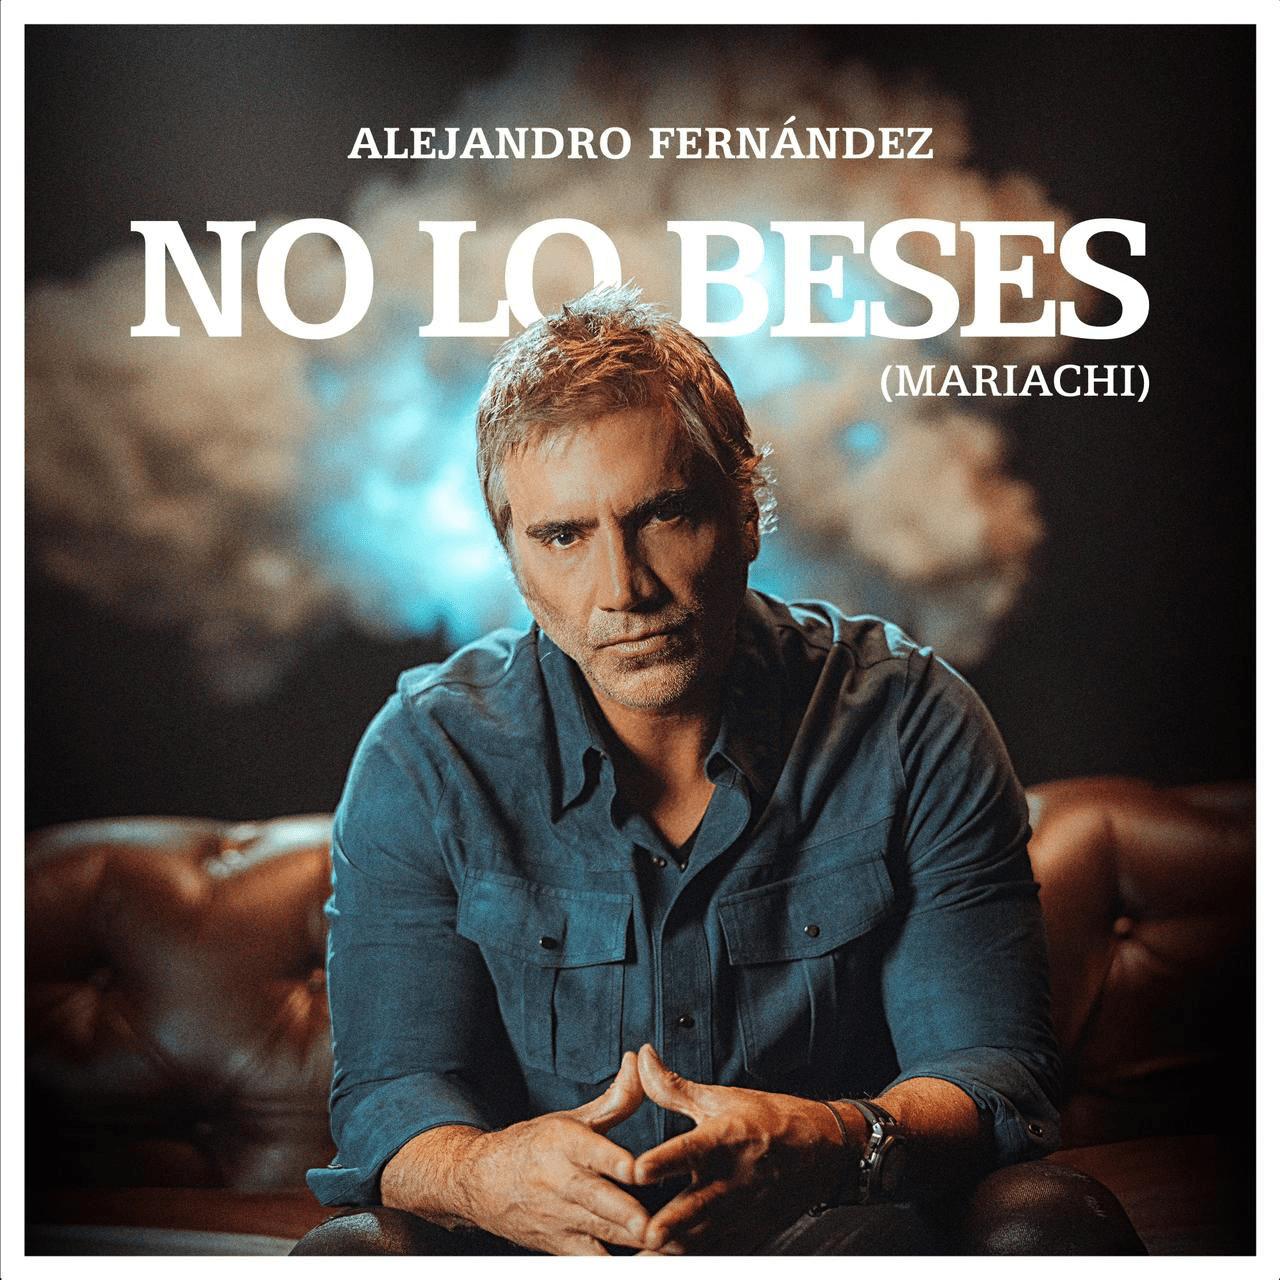 Alejandro Fernández, estrenó su nuevo álbum